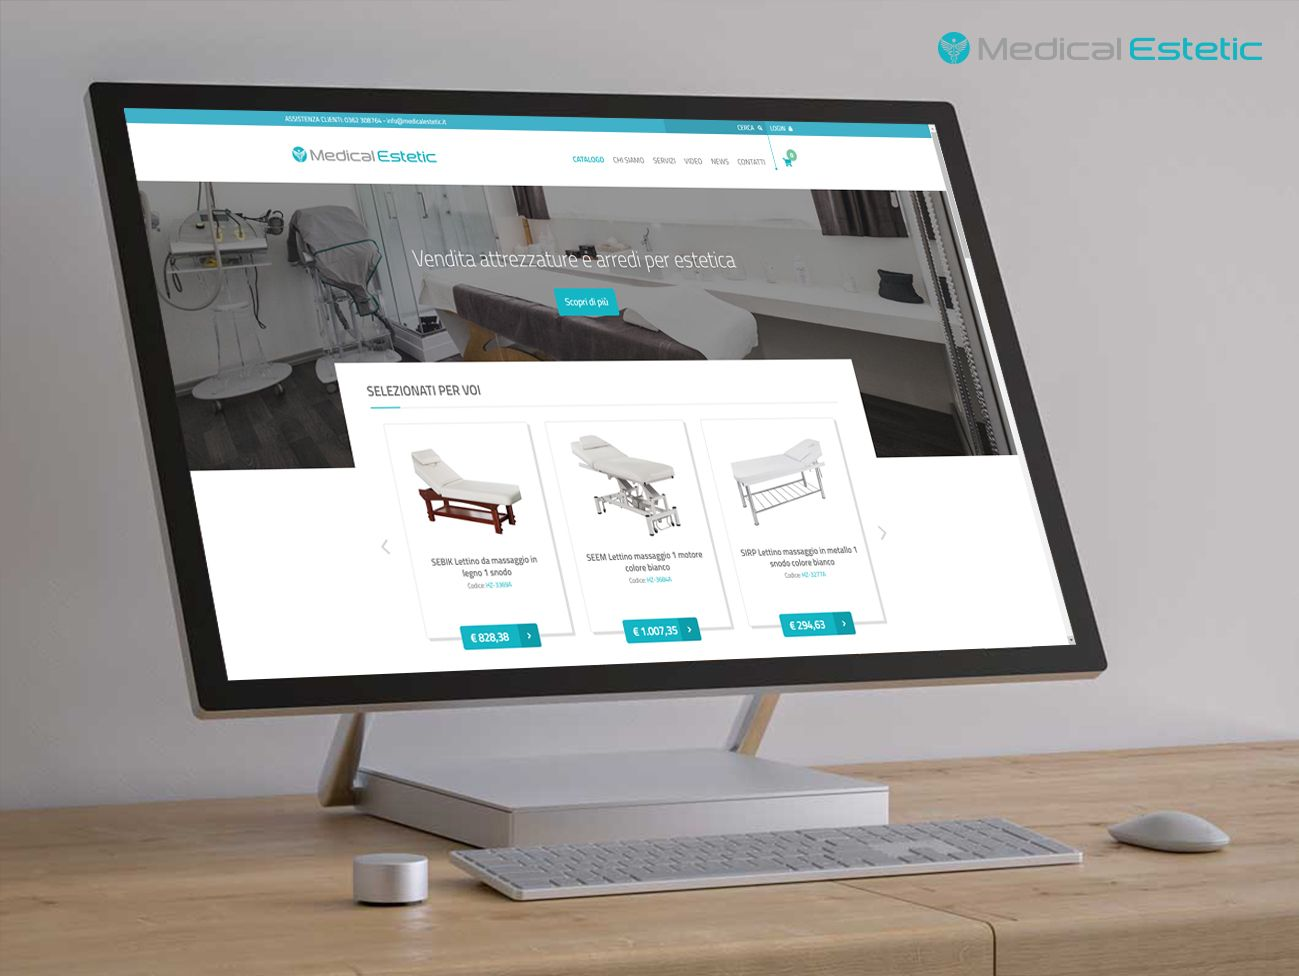 E-commerce apparecchiature estetica